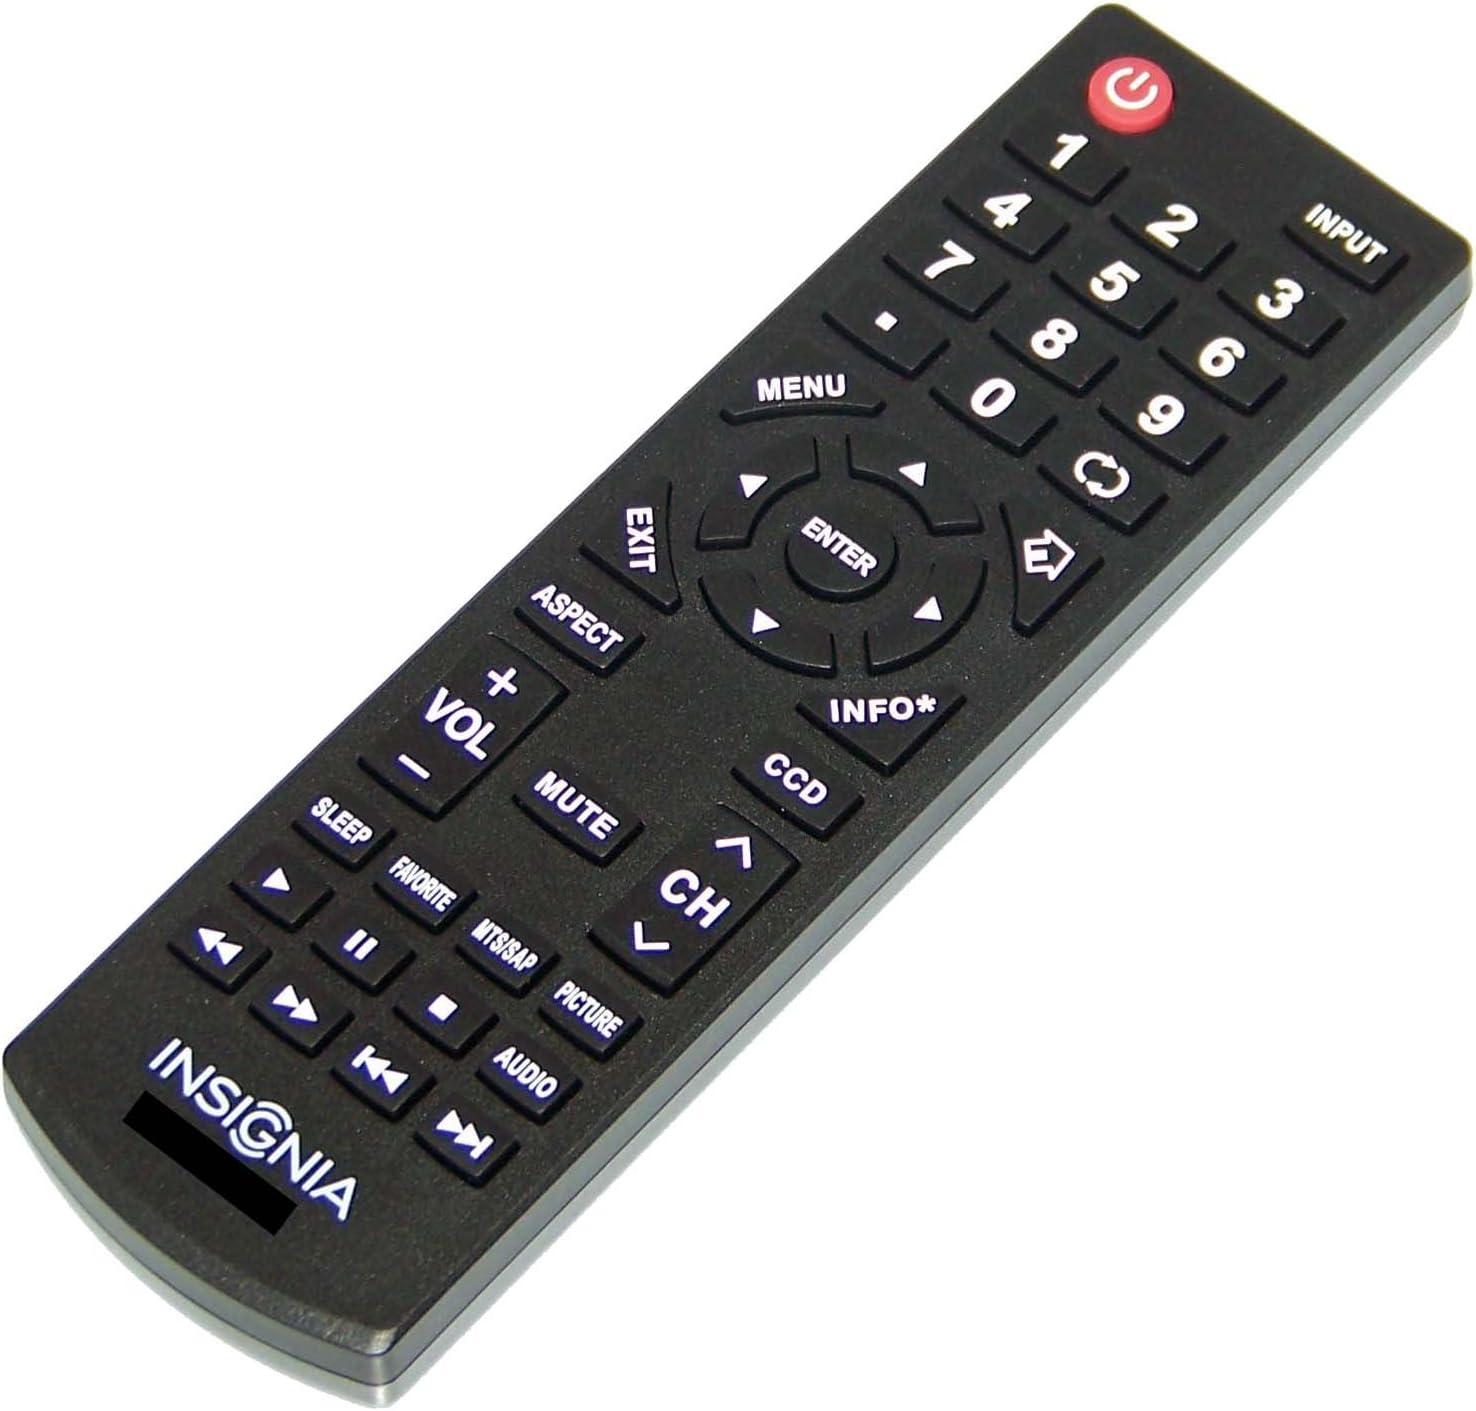 NS32D200NA14 NS-65D550NA15 OEM Insignia Remote Control Originally Shipped With: NS32D512NA15 NS-32D200NA14 NS65D550NA15 NS-32D512NA15